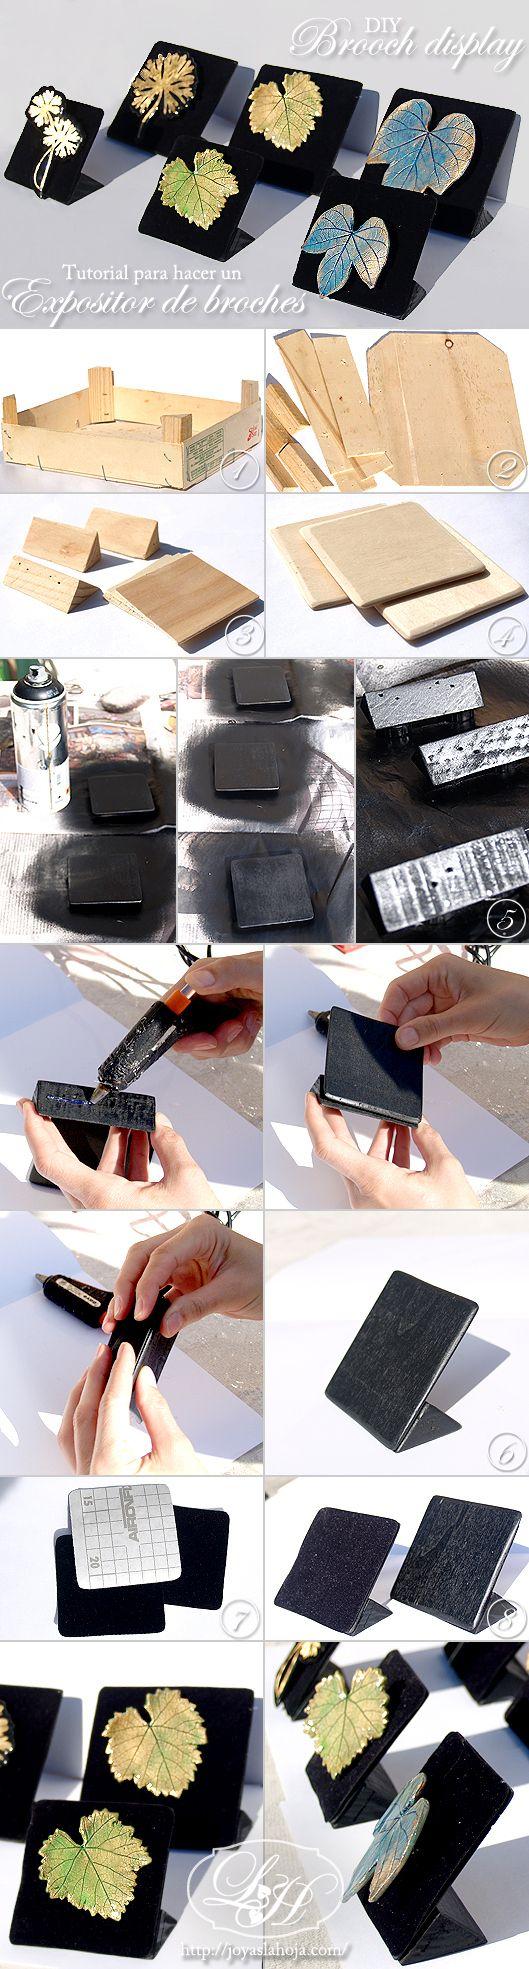 diy brooch display_tutorial / Expositor de broches_tutorial